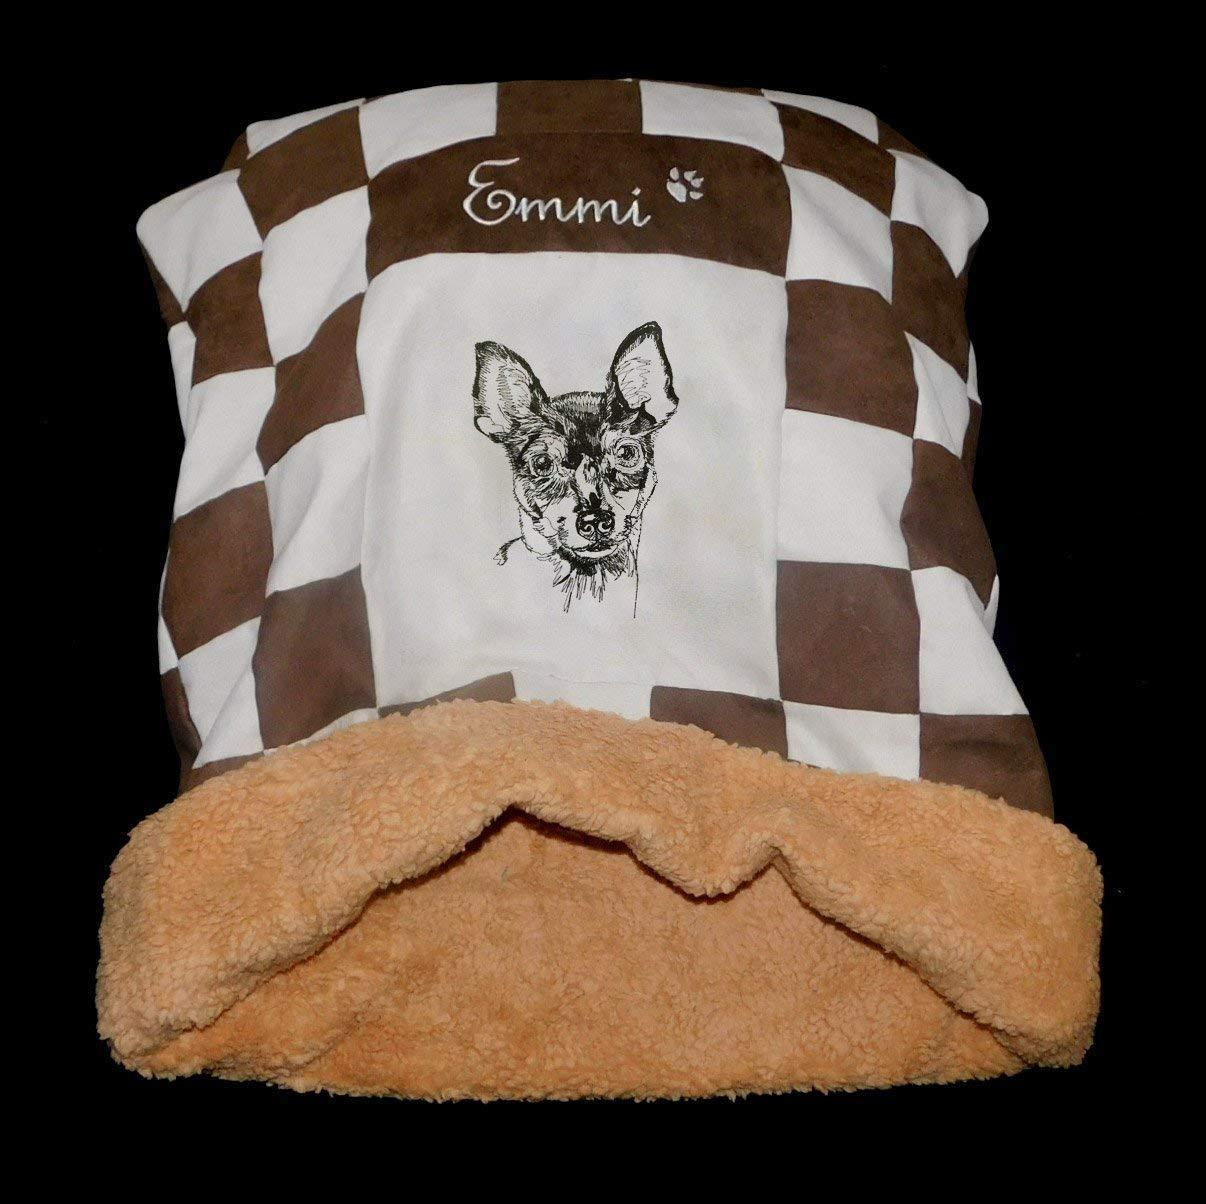 LunaChild Hunde Kuschelhöhle Hundebett Toy Fox Terrier Name Snuggle Bag Größe S M Loder XL in vielen Farben erhältlich